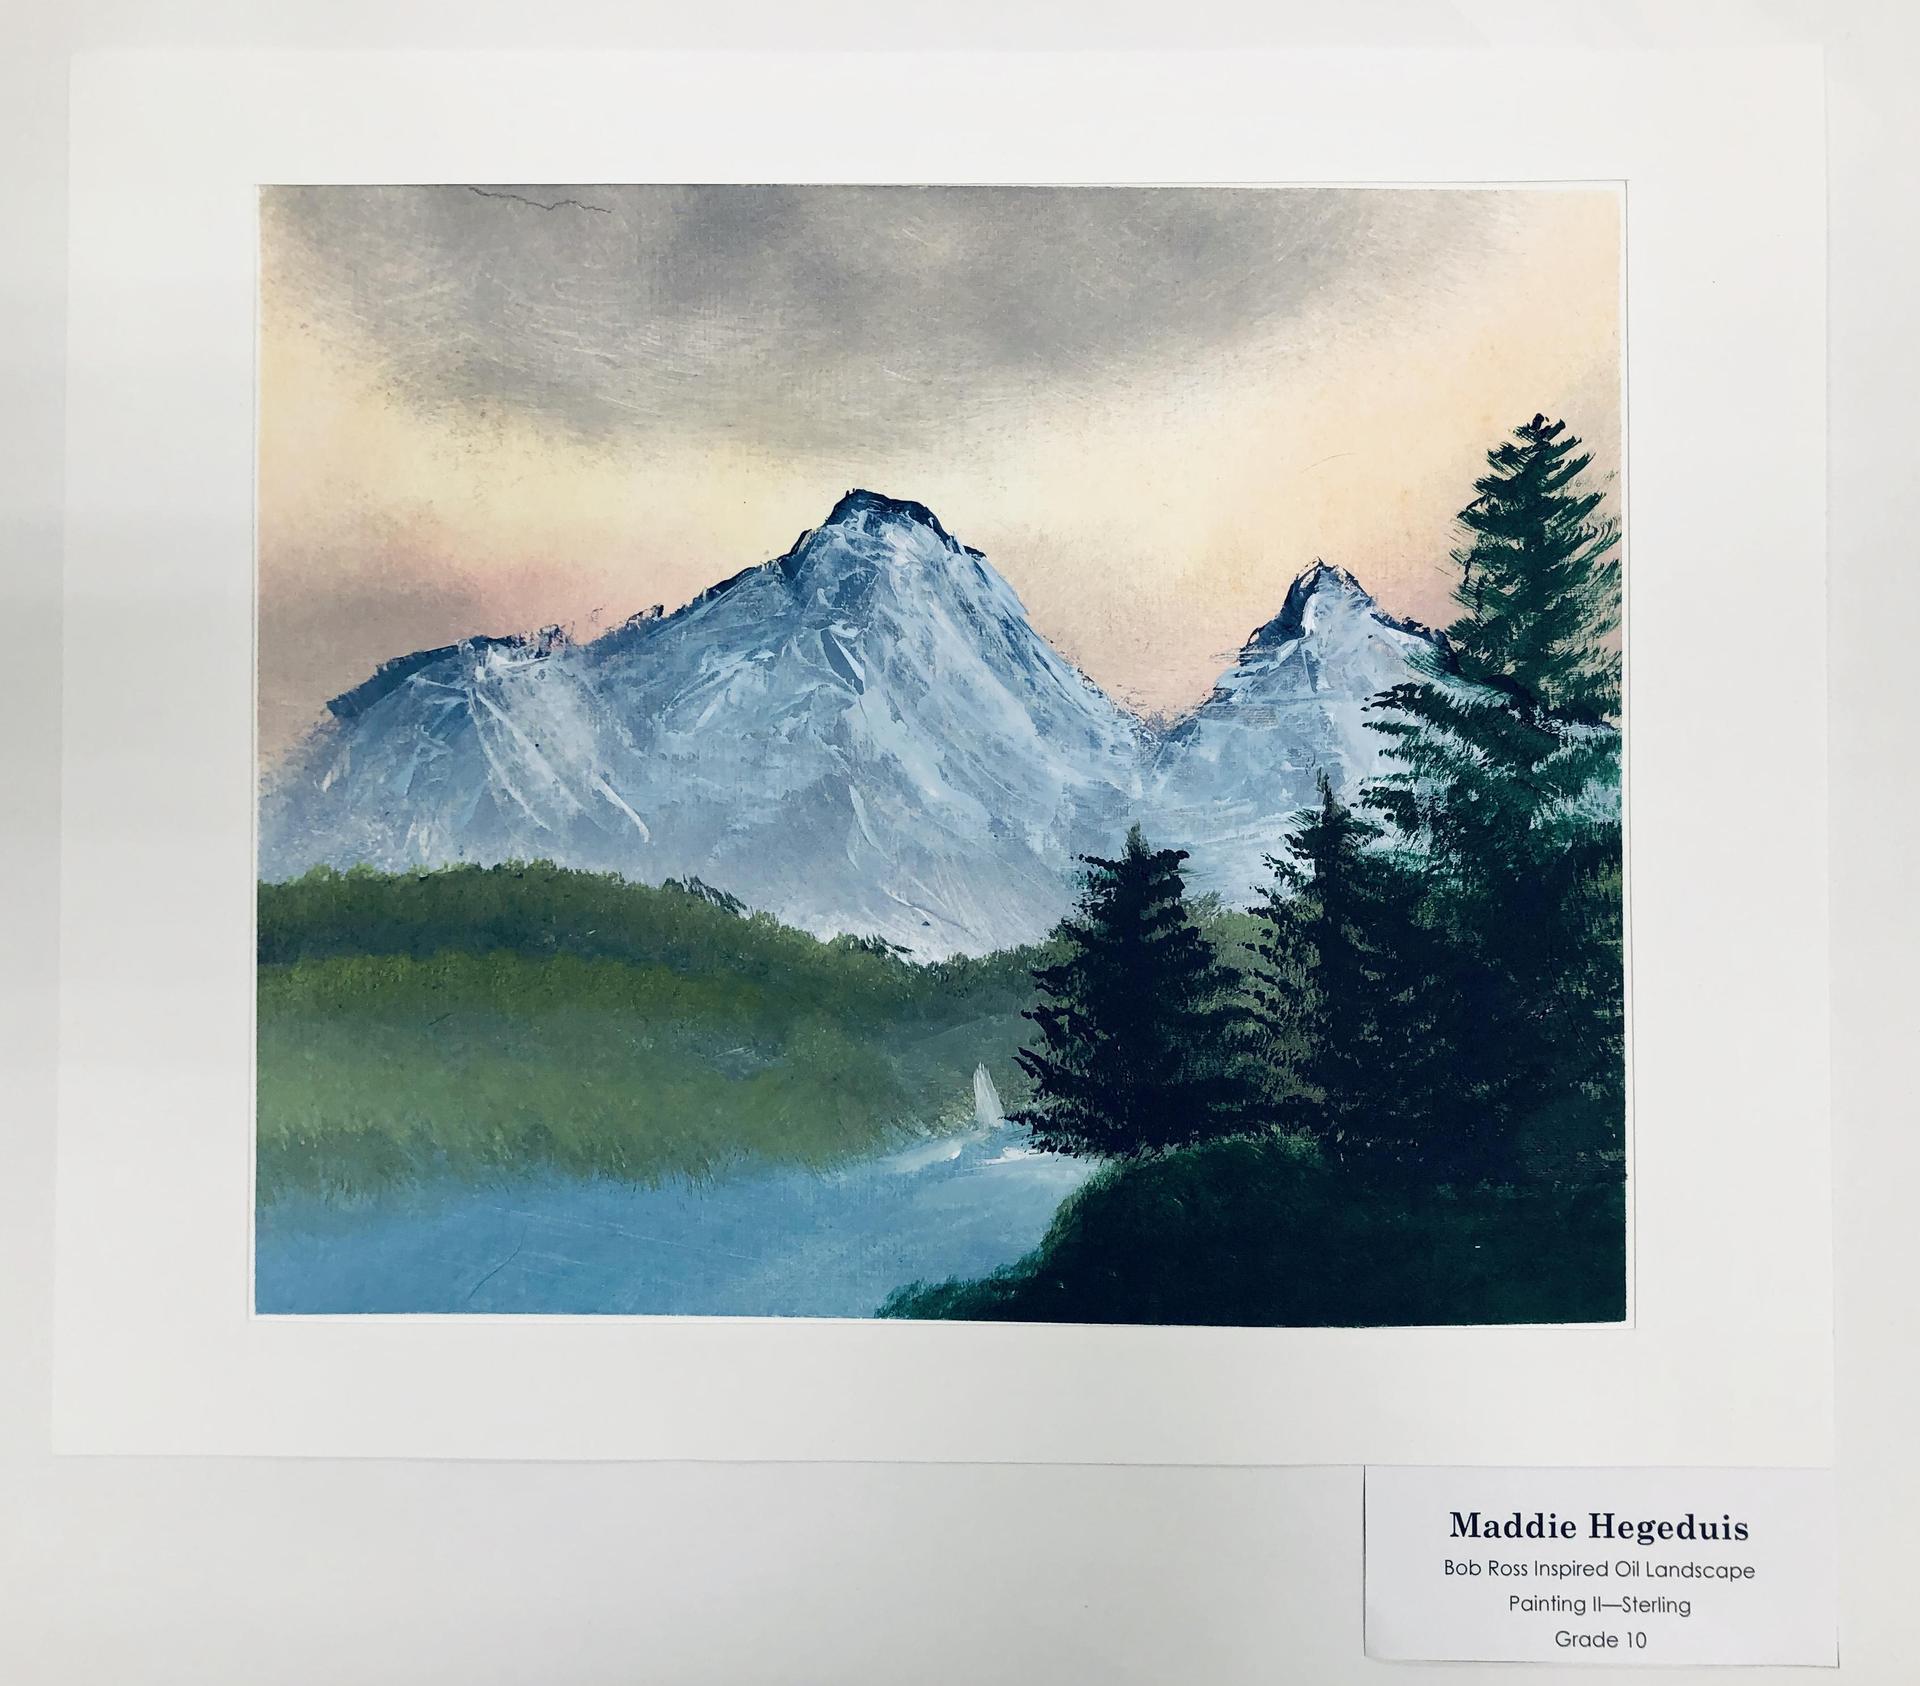 Maddie Hegeduis